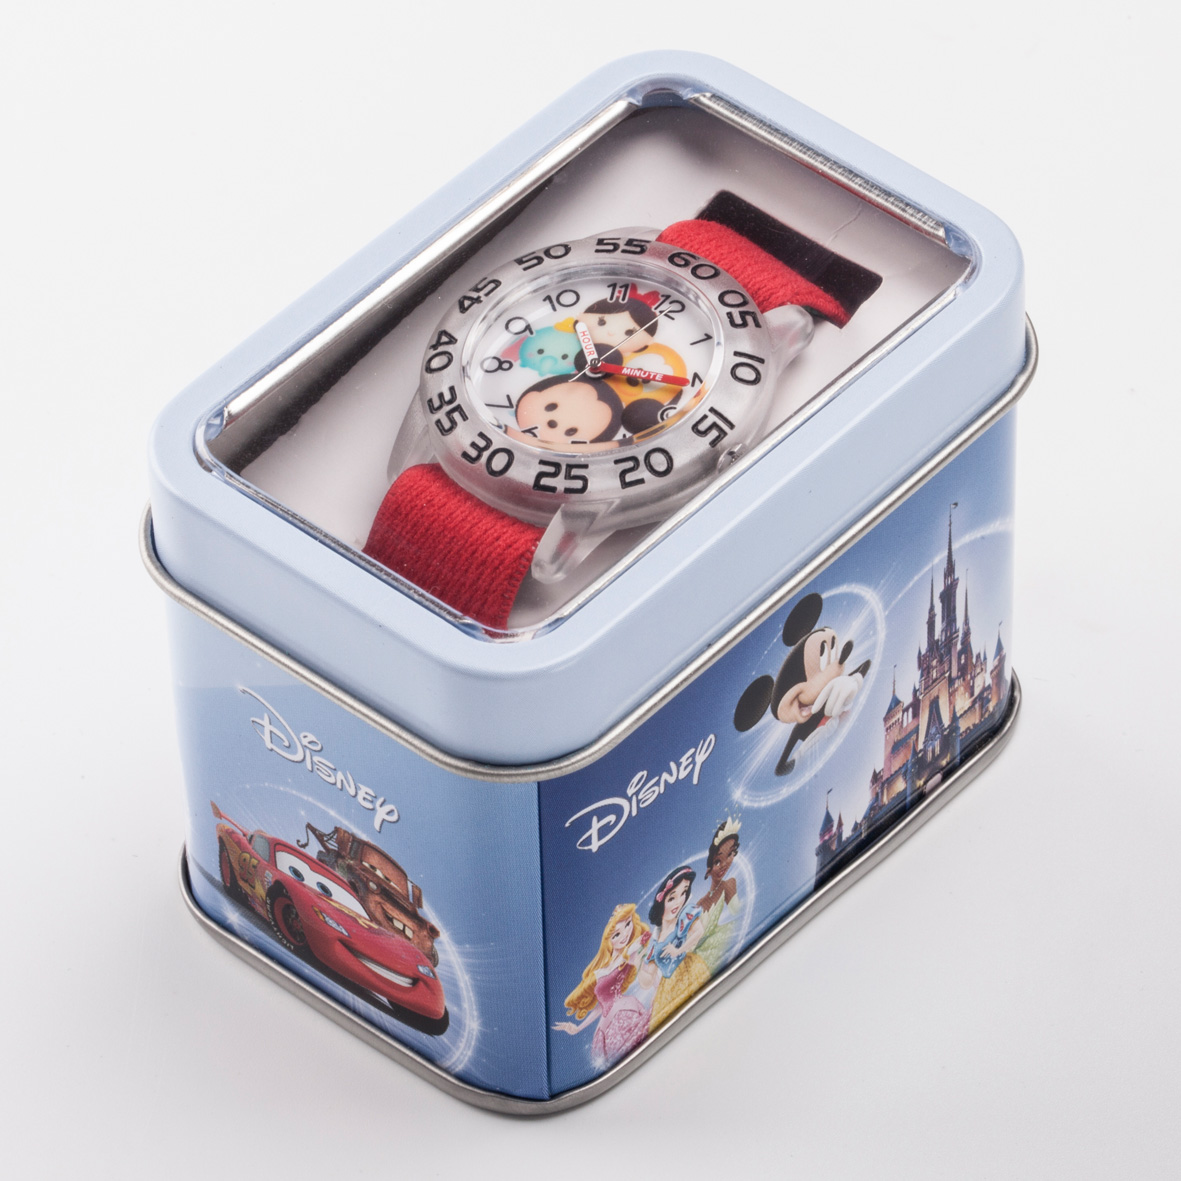 DIW003010-packaging_disney-marvel_watches.jpg